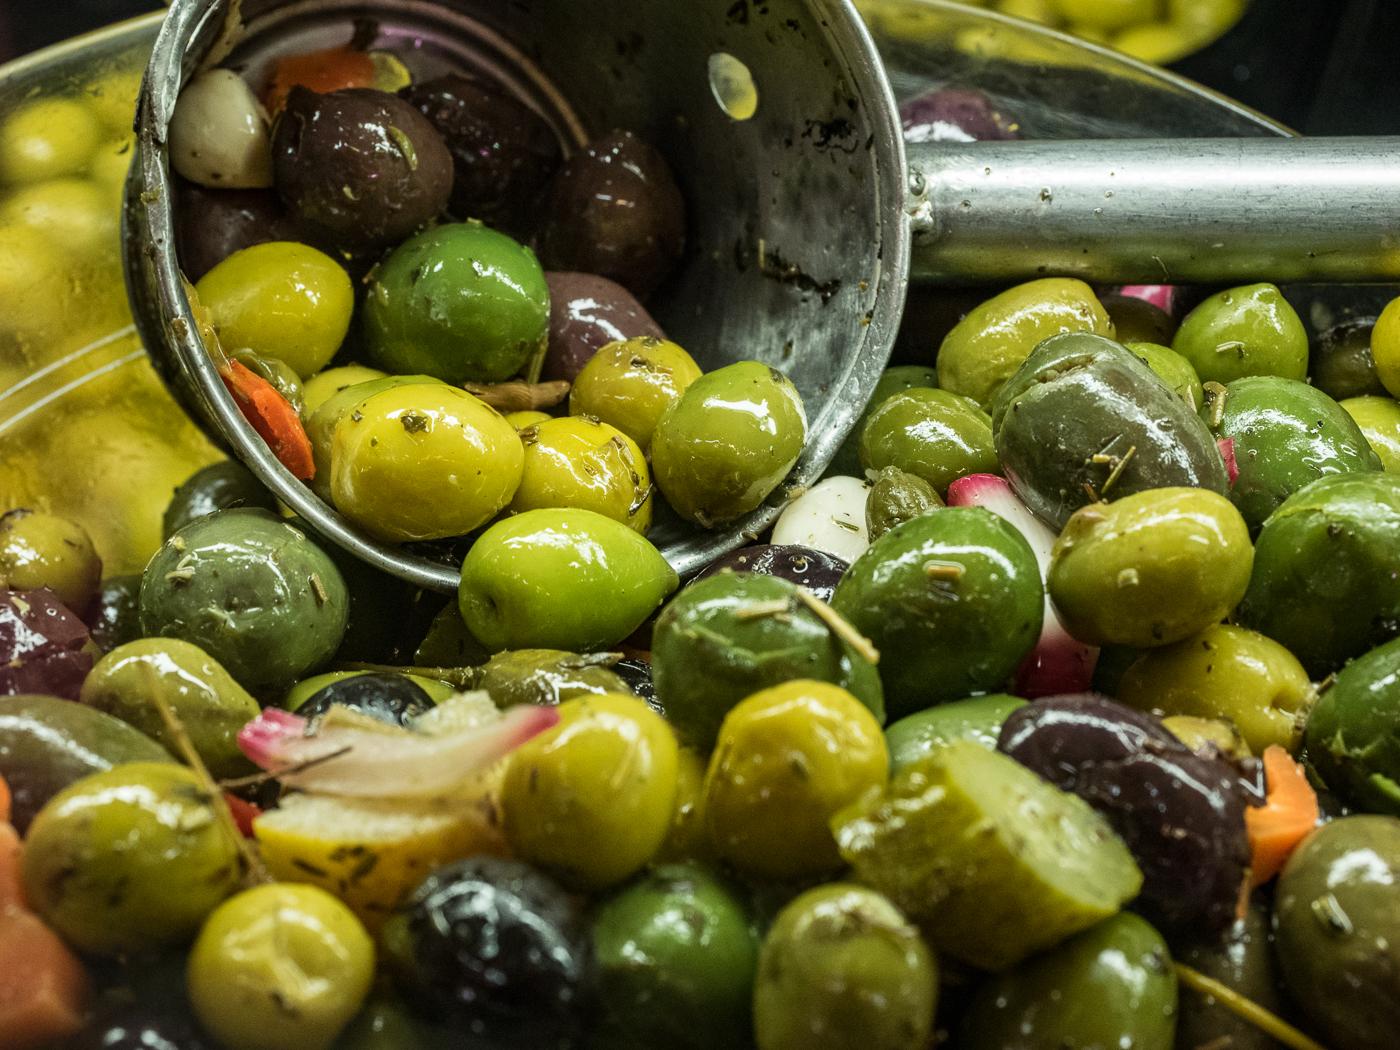 Scrummy olives from El Cabanyal market